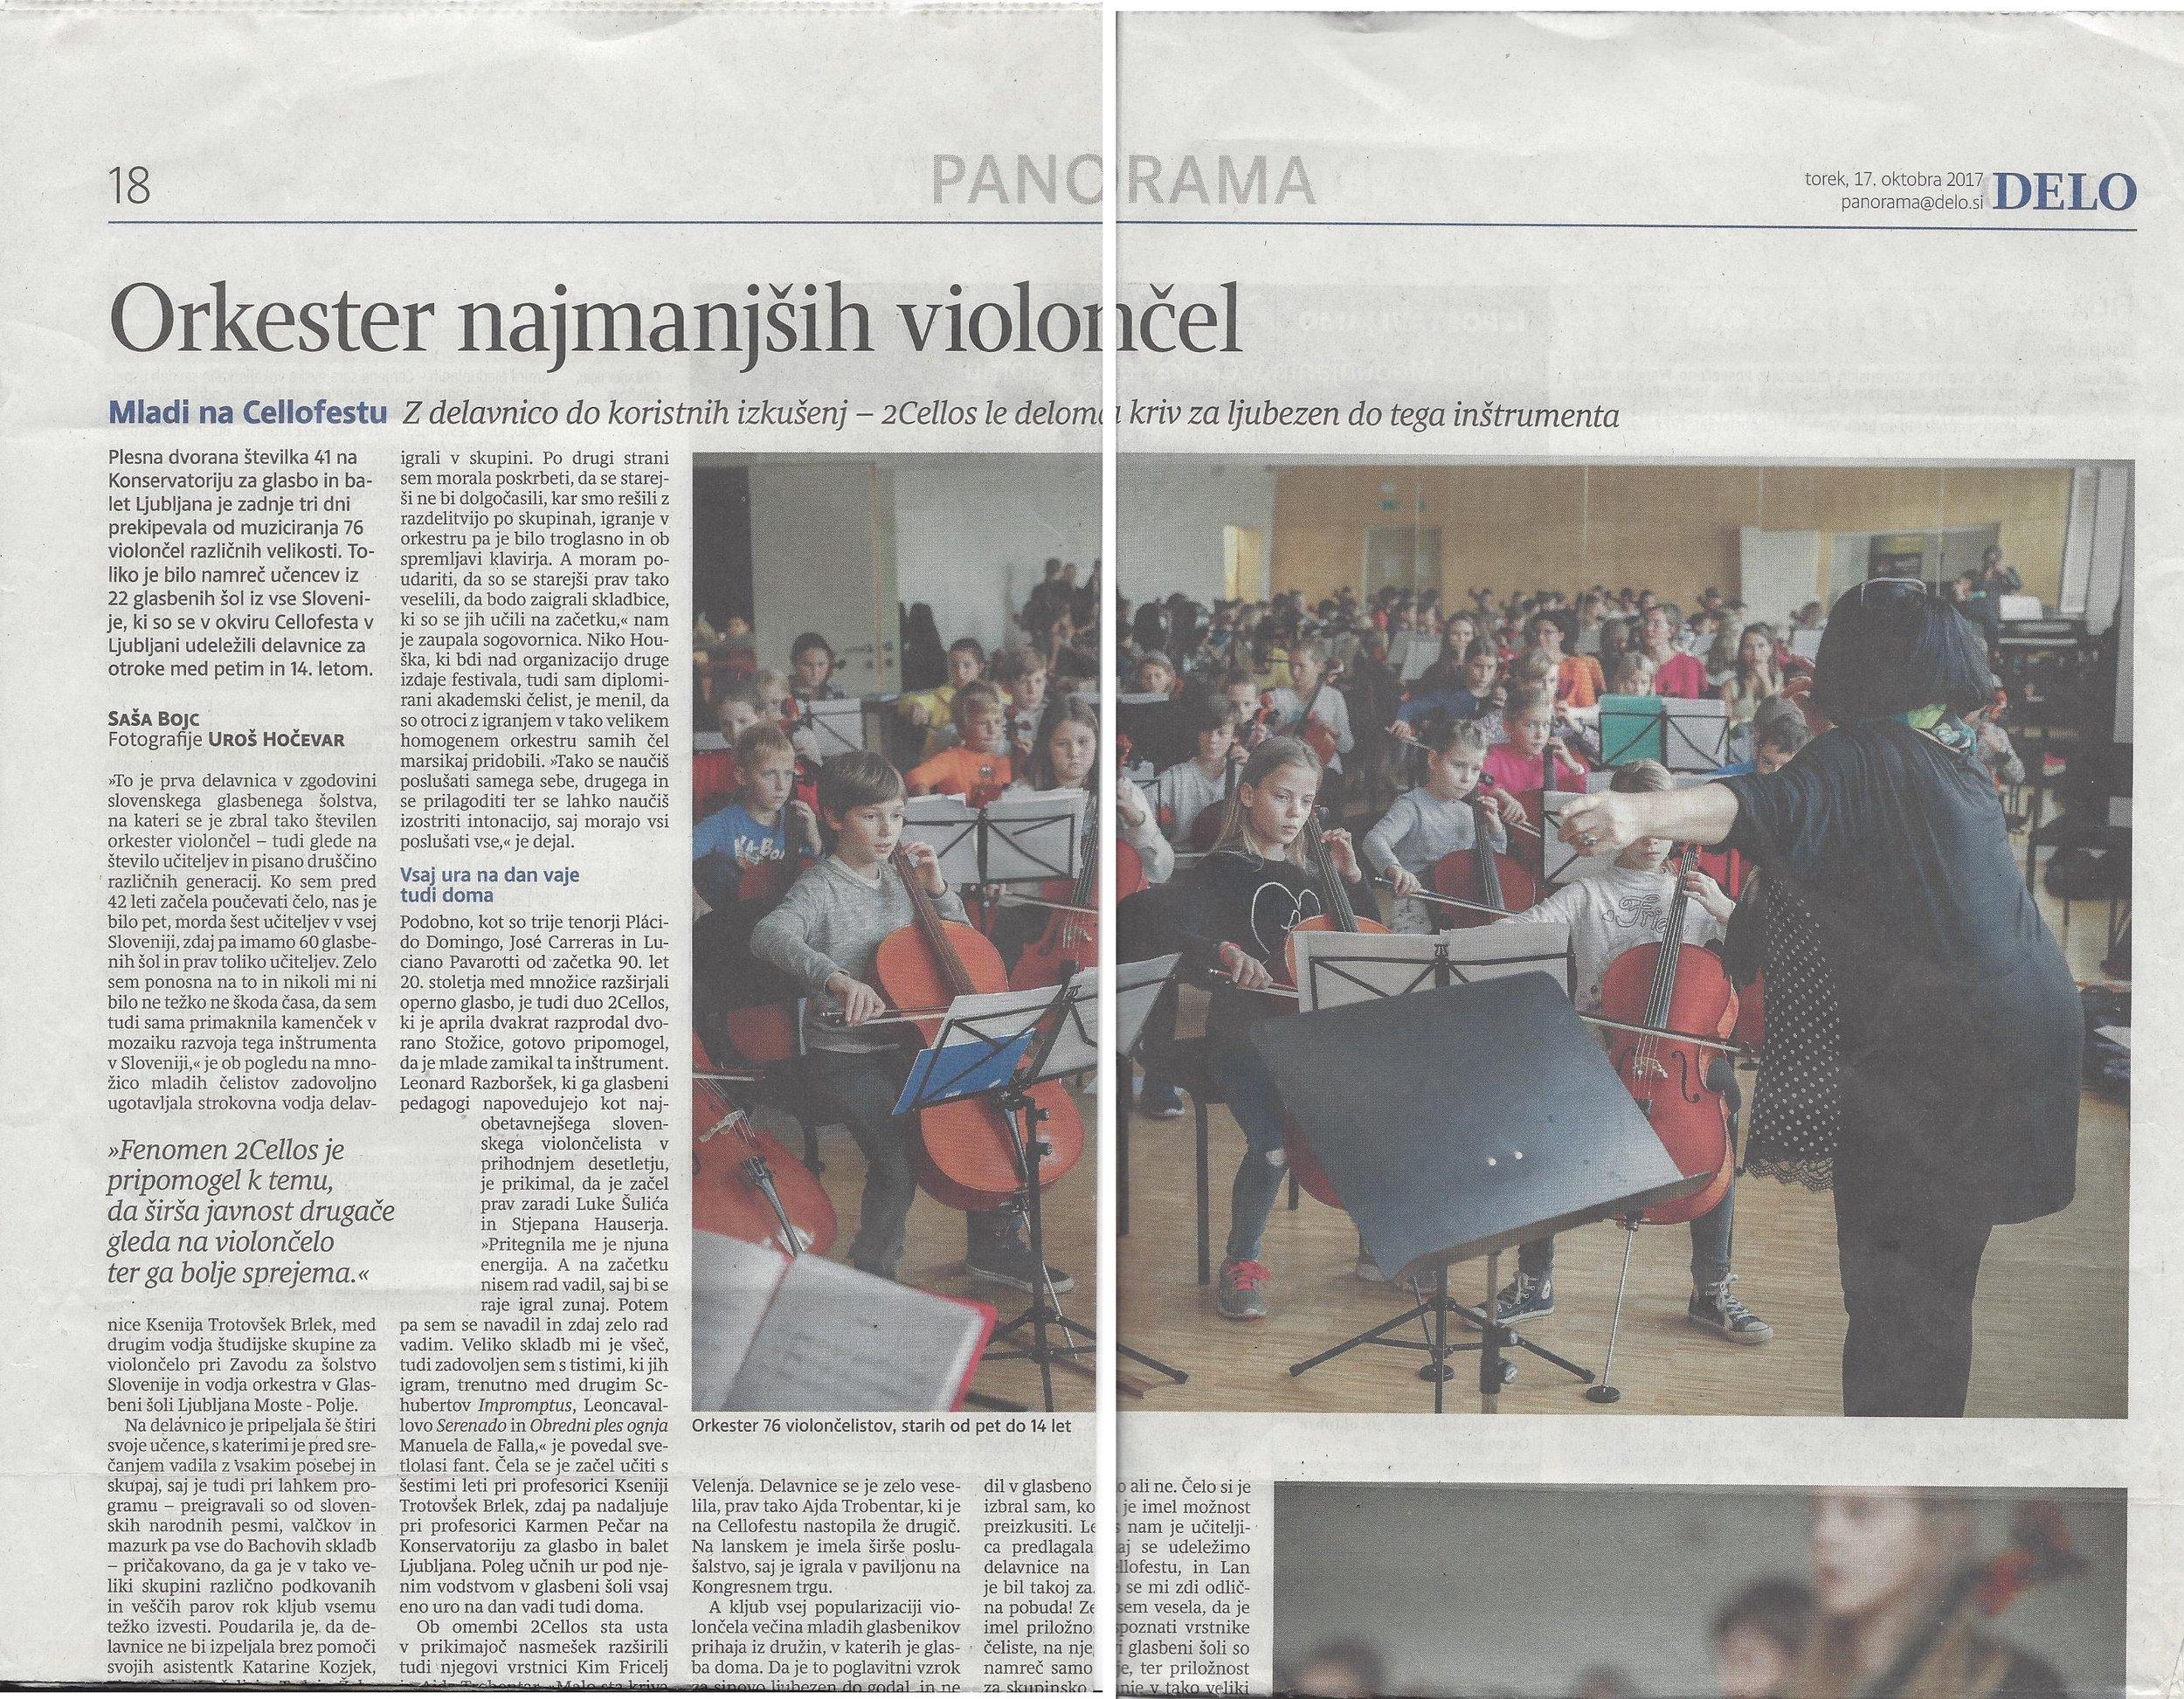 DELO Panorama - Orkester najmanjših violončel 1 in 2.jpg